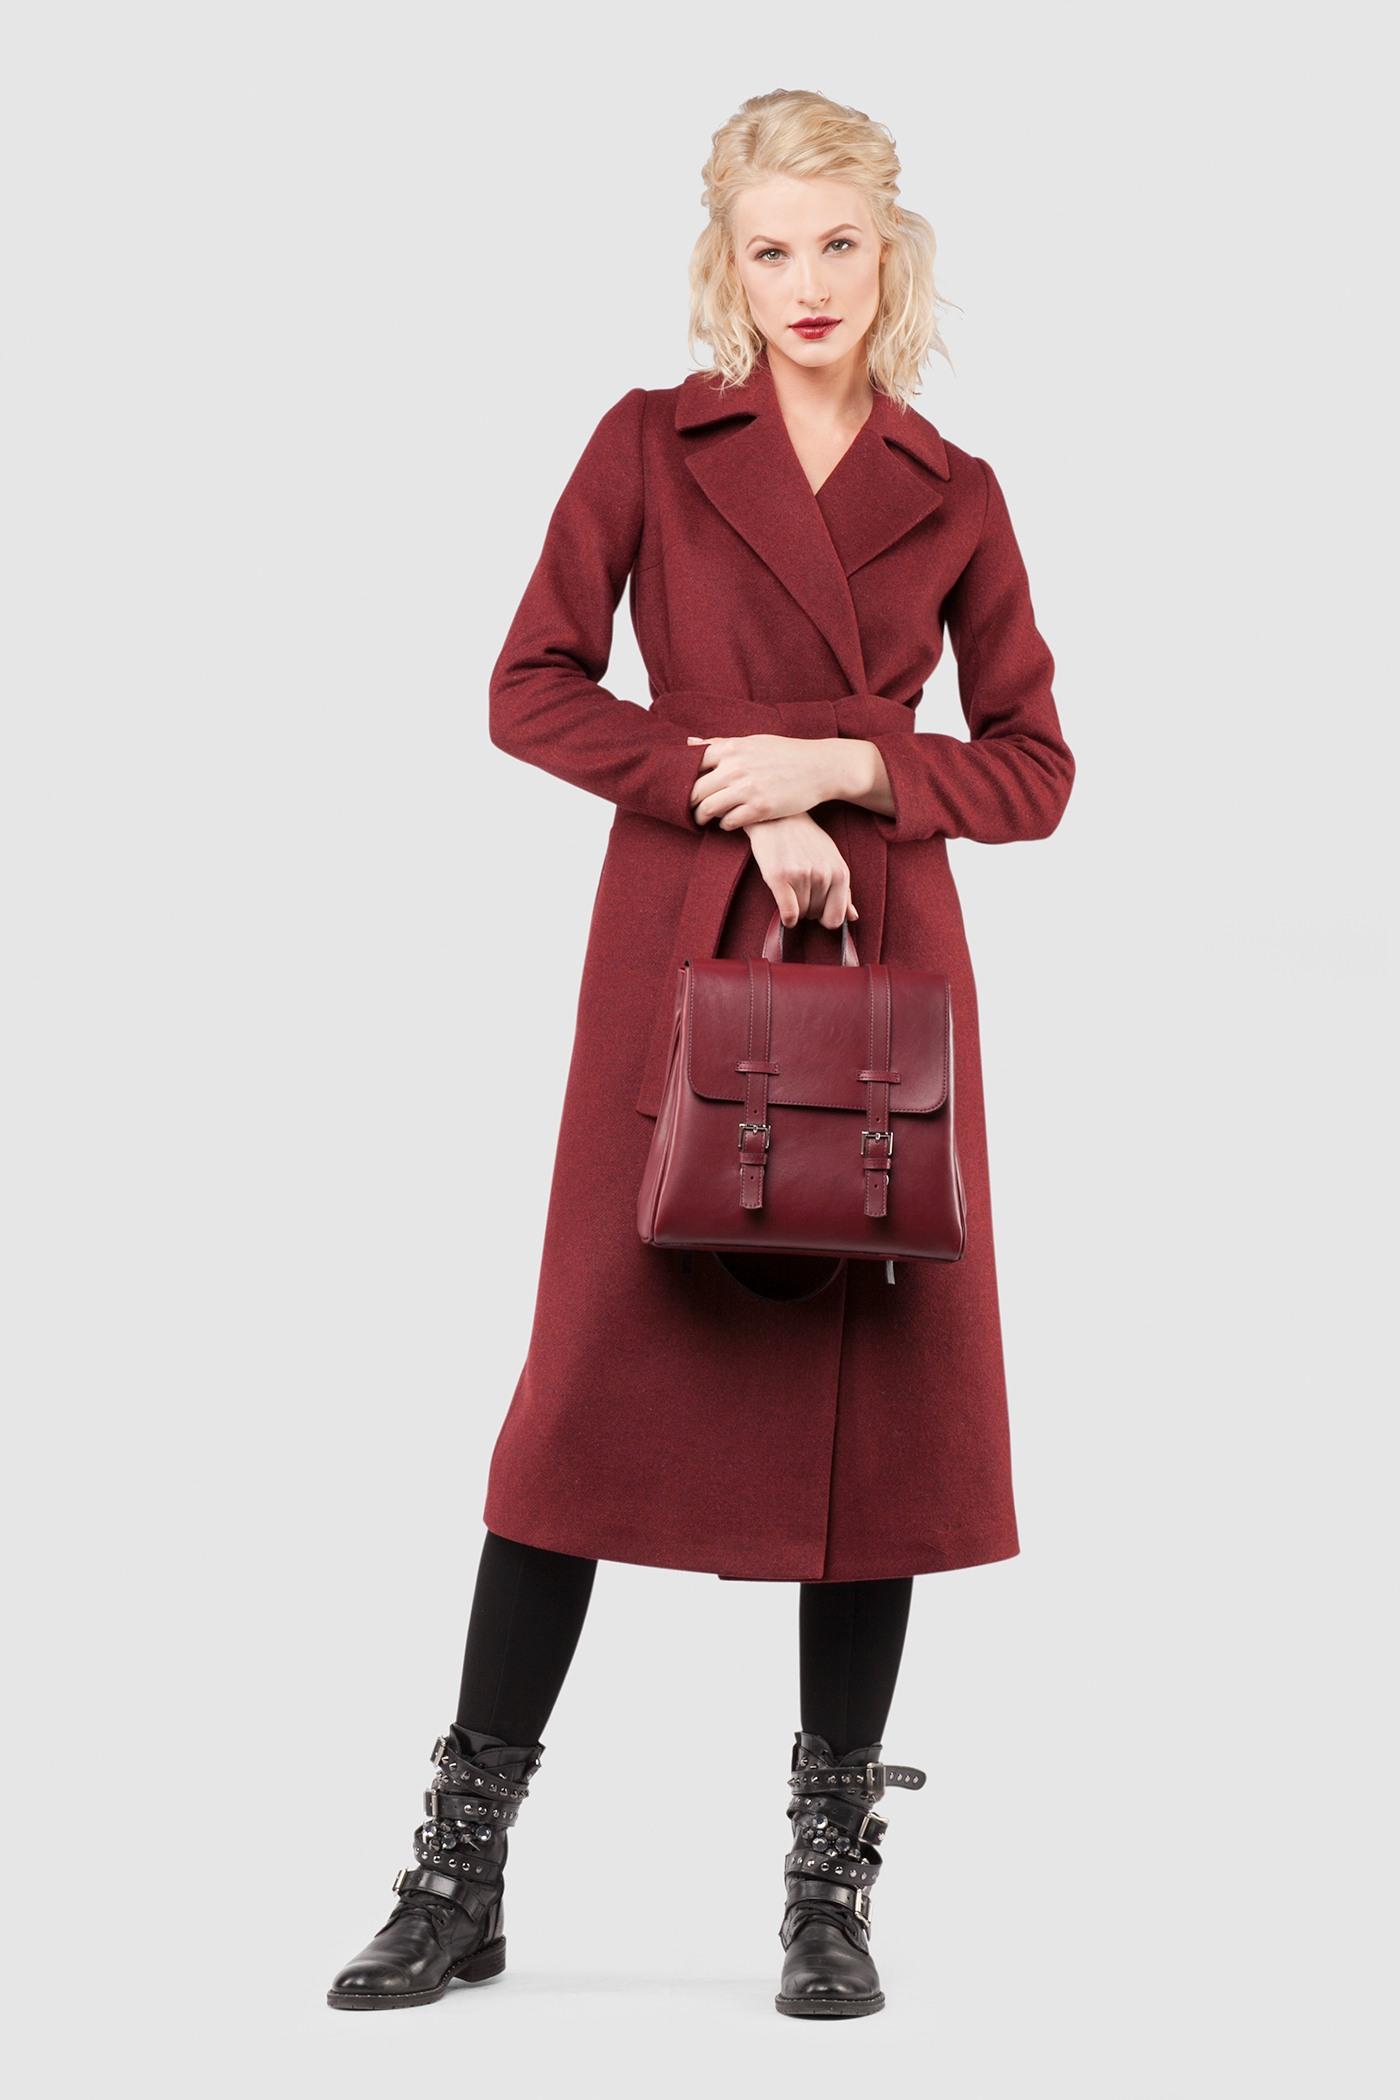 Пальто - ВЕНА (2.1)Пальто<br>Пальто с английским воротником&#13;<br>&#13;<br>Элегантное классическое пальто VIENNA (Вена), выполненное из шерсти, станет отличной базой для любого городского гардероба. Рекомендуемый тепловой режим: от +15 до -8 градусов.&#13;<br>&#13;<br>&#13;<br>рекомендуемая сезонность: демисезон, осень&#13;<br>&#13;<br>кнопки вместо пуговиц, благодаря им у вас всегда имеется возможность корректировки этой модели пальто под себя&#13;<br>&#13;<br>тканный пояс-кушак&#13;<br>&#13;<br>два прорезных кармана спереди&#13;<br>&#13;<br>прямой крой с плотной посадкой на фигуре&#13;<br>&#13;<br>длина размера S при росте 164-170 см- 105 см&#13;<br>&#13;<br>модель имеет 4 ростовки: 158-164 см, 164-170 см, 170-176 см, 176-182 см. Размер и другие нюансы уточняются при заказе, мы с вами связываемся по указанному вами номеру телефона&#13;<br>&#13;<br>&#13;<br>Если у вас остались вопросы, пишите нам на электронную почту ASYAMALBERSHTEIN@GMAIL.COM или звоните по номеру +7 (812) 649-17-99, мы постараемся ответить на ваши вопросы и помочь определиться вам с выбором или размерной сеткой наших изделий.<br><br>Цвет: Винный, Бордовый, Красный<br>Размер: L, XL, XXS, XS, S, M<br>Ростовка: 152 - 158, 158 -164, 164 -170, 170 -176, 176 -182